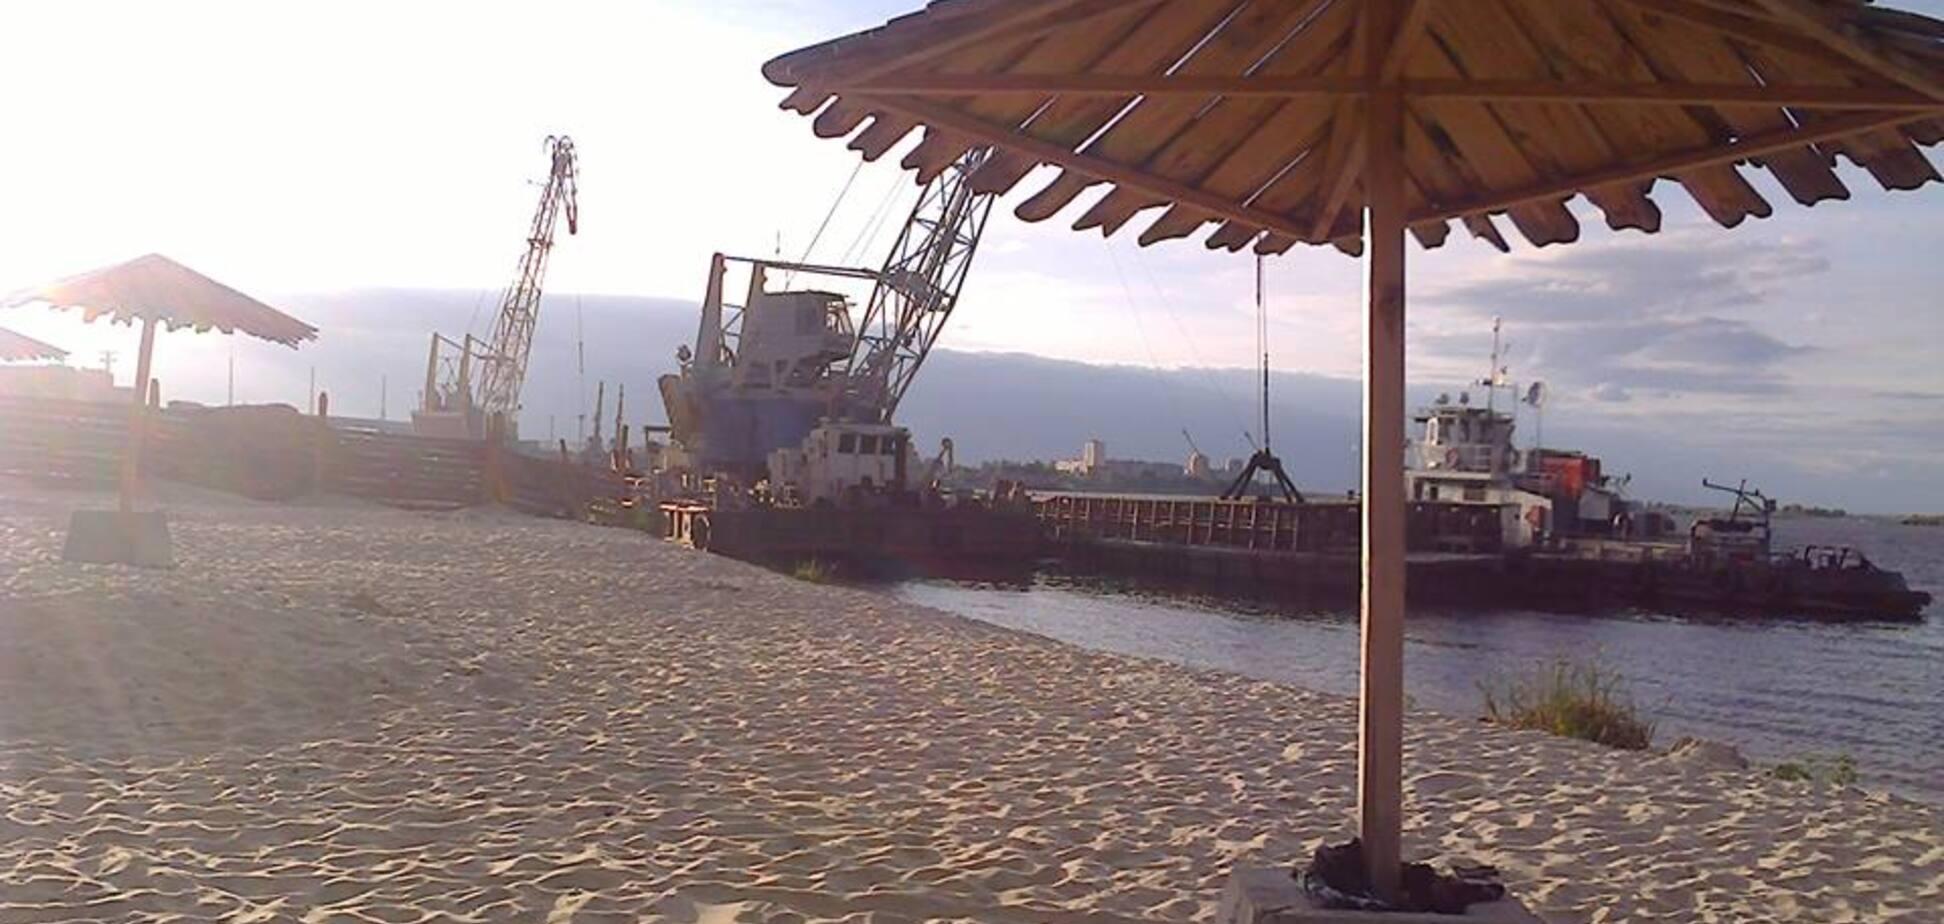 Под Киевом 'песчаная мафия' нагло захватила пляж на Днепре: опубликованы фото